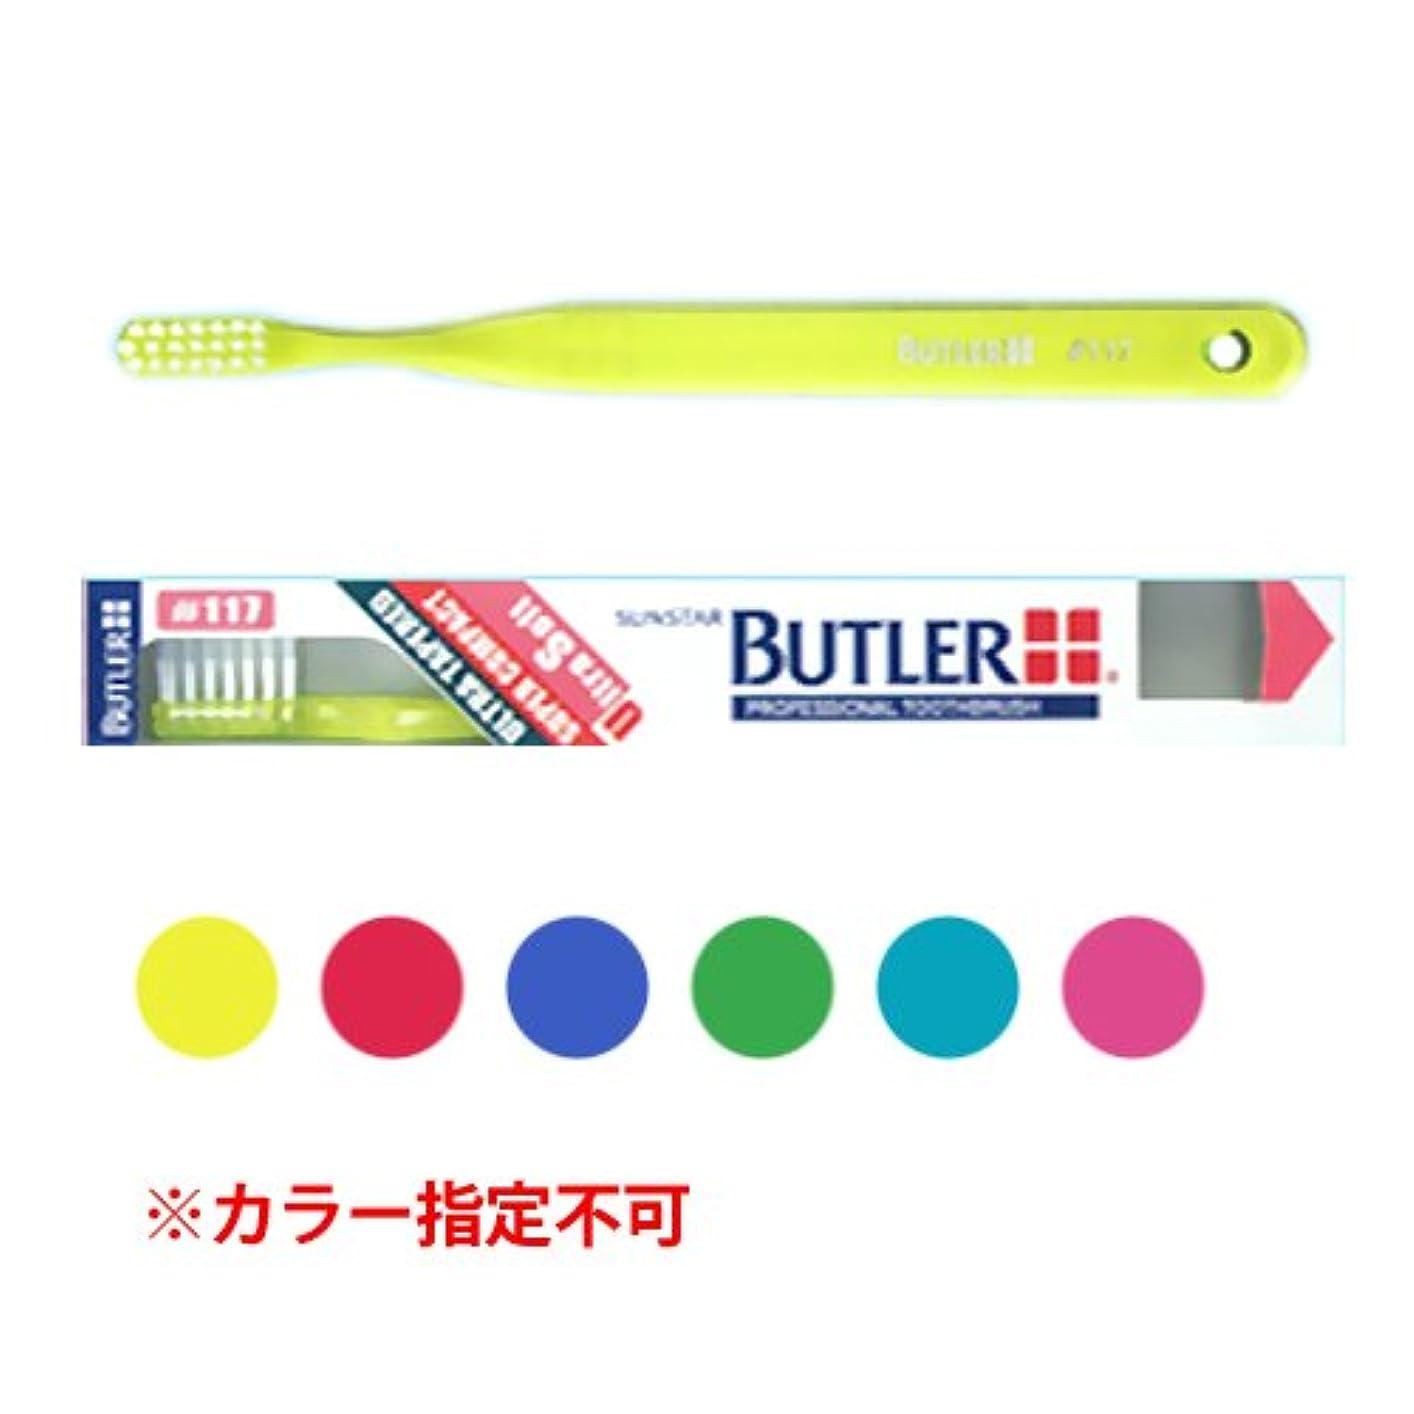 維持するロック解除患者バトラー 歯ブラシ 1本 #117